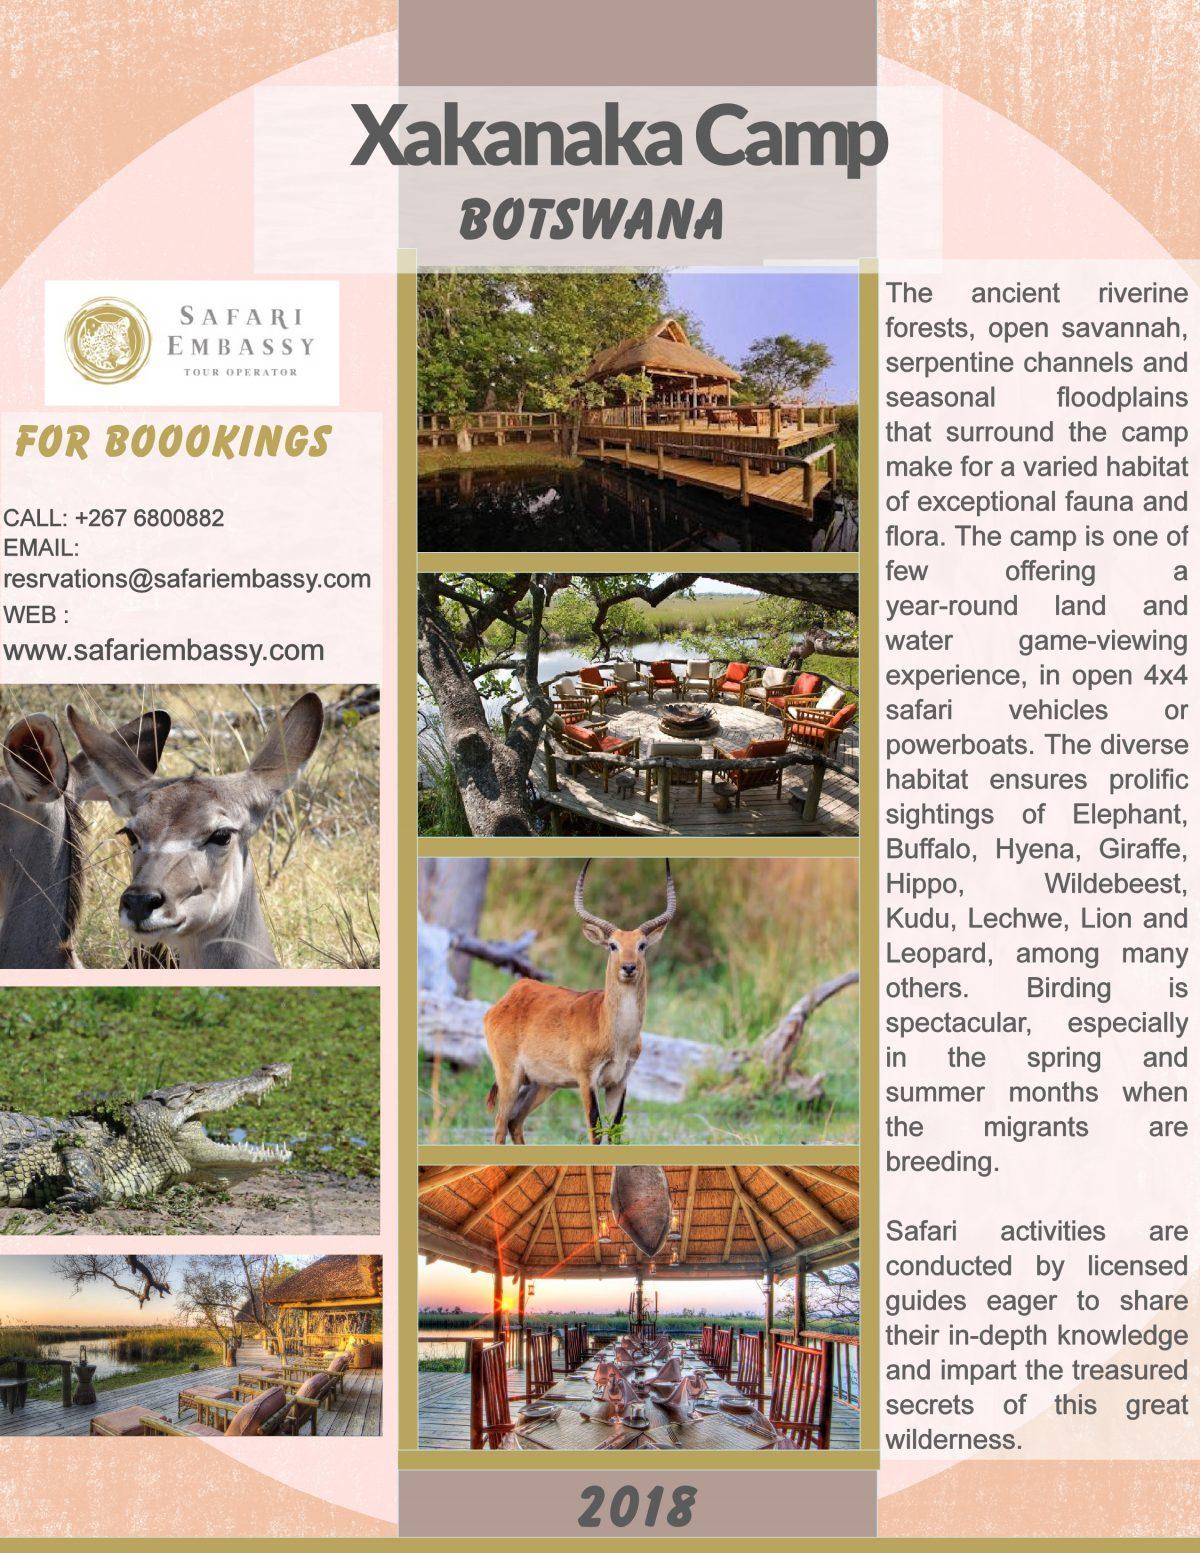 Book With Safari Embassy to Xakanaka Camp Botswana